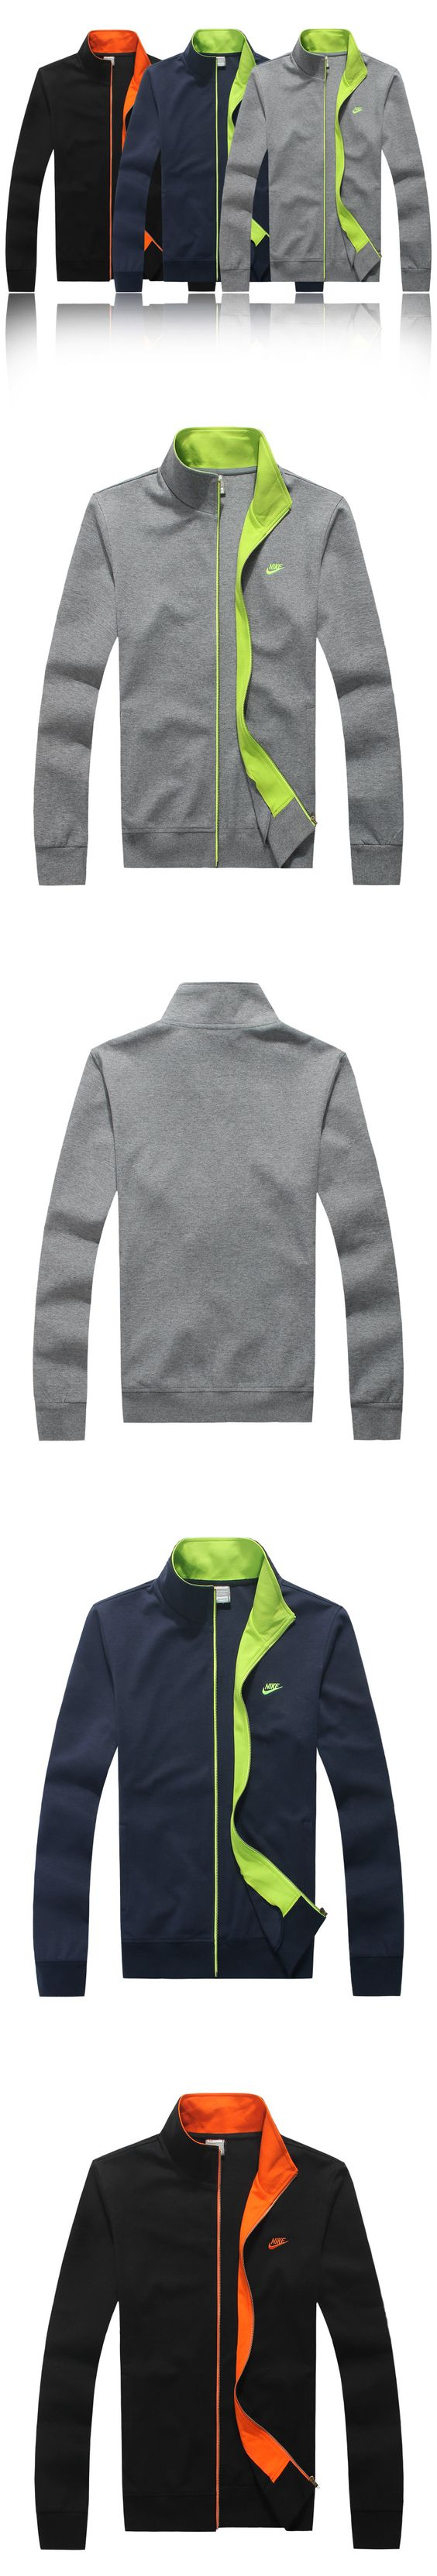 Весна новый человек ученый спортивный набор наряд случайный свитер на открытом воздухе бег движение одежда тонкий движение брюки мужской - Таобао Украина